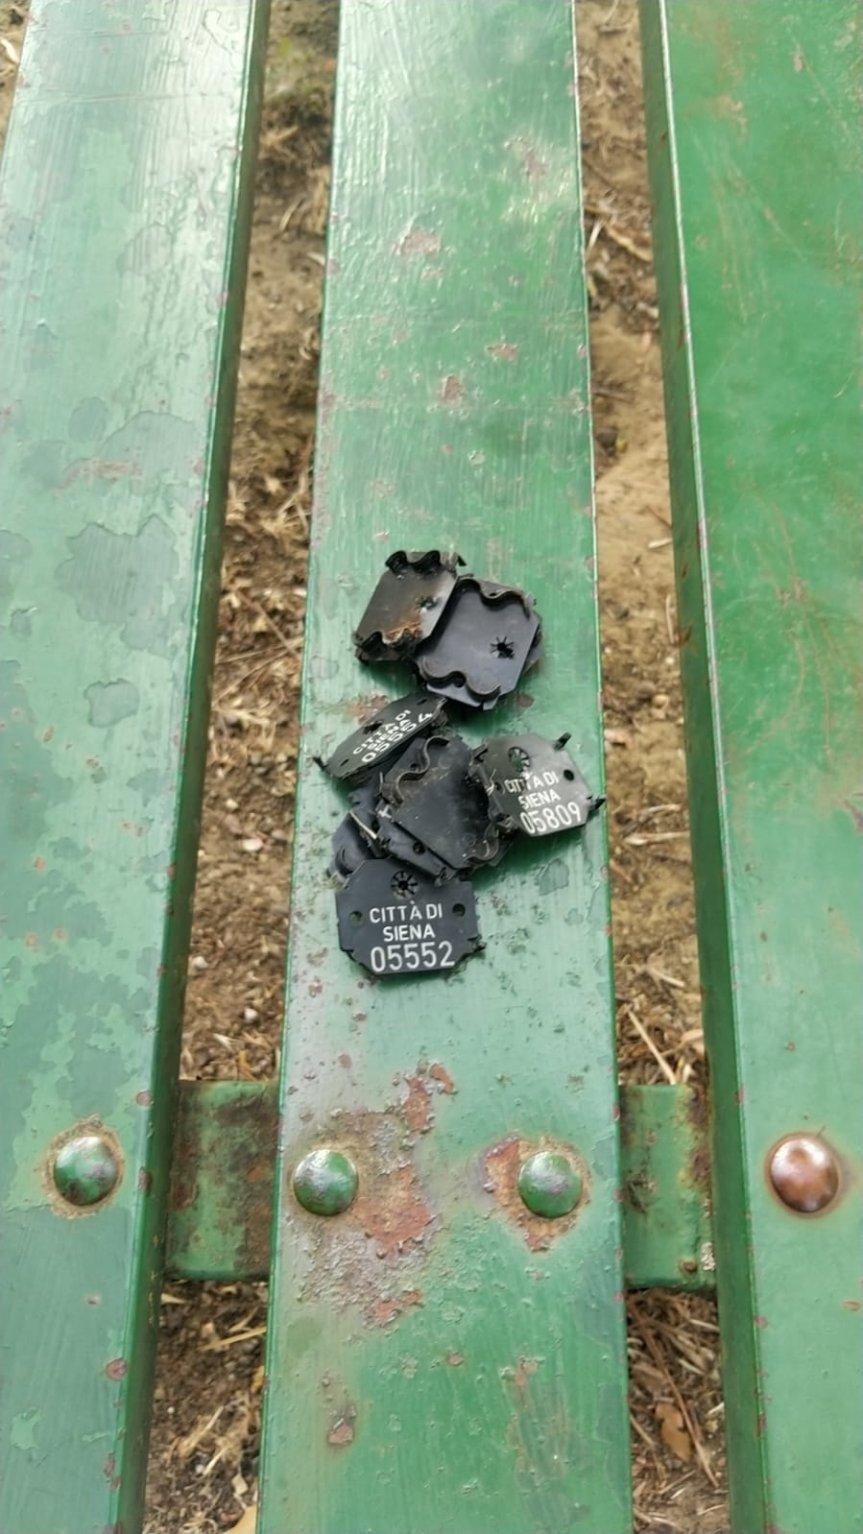 Siena: Oggi 30/06 rimosse le targhette dagli alberi al parco di ViaStrozzi